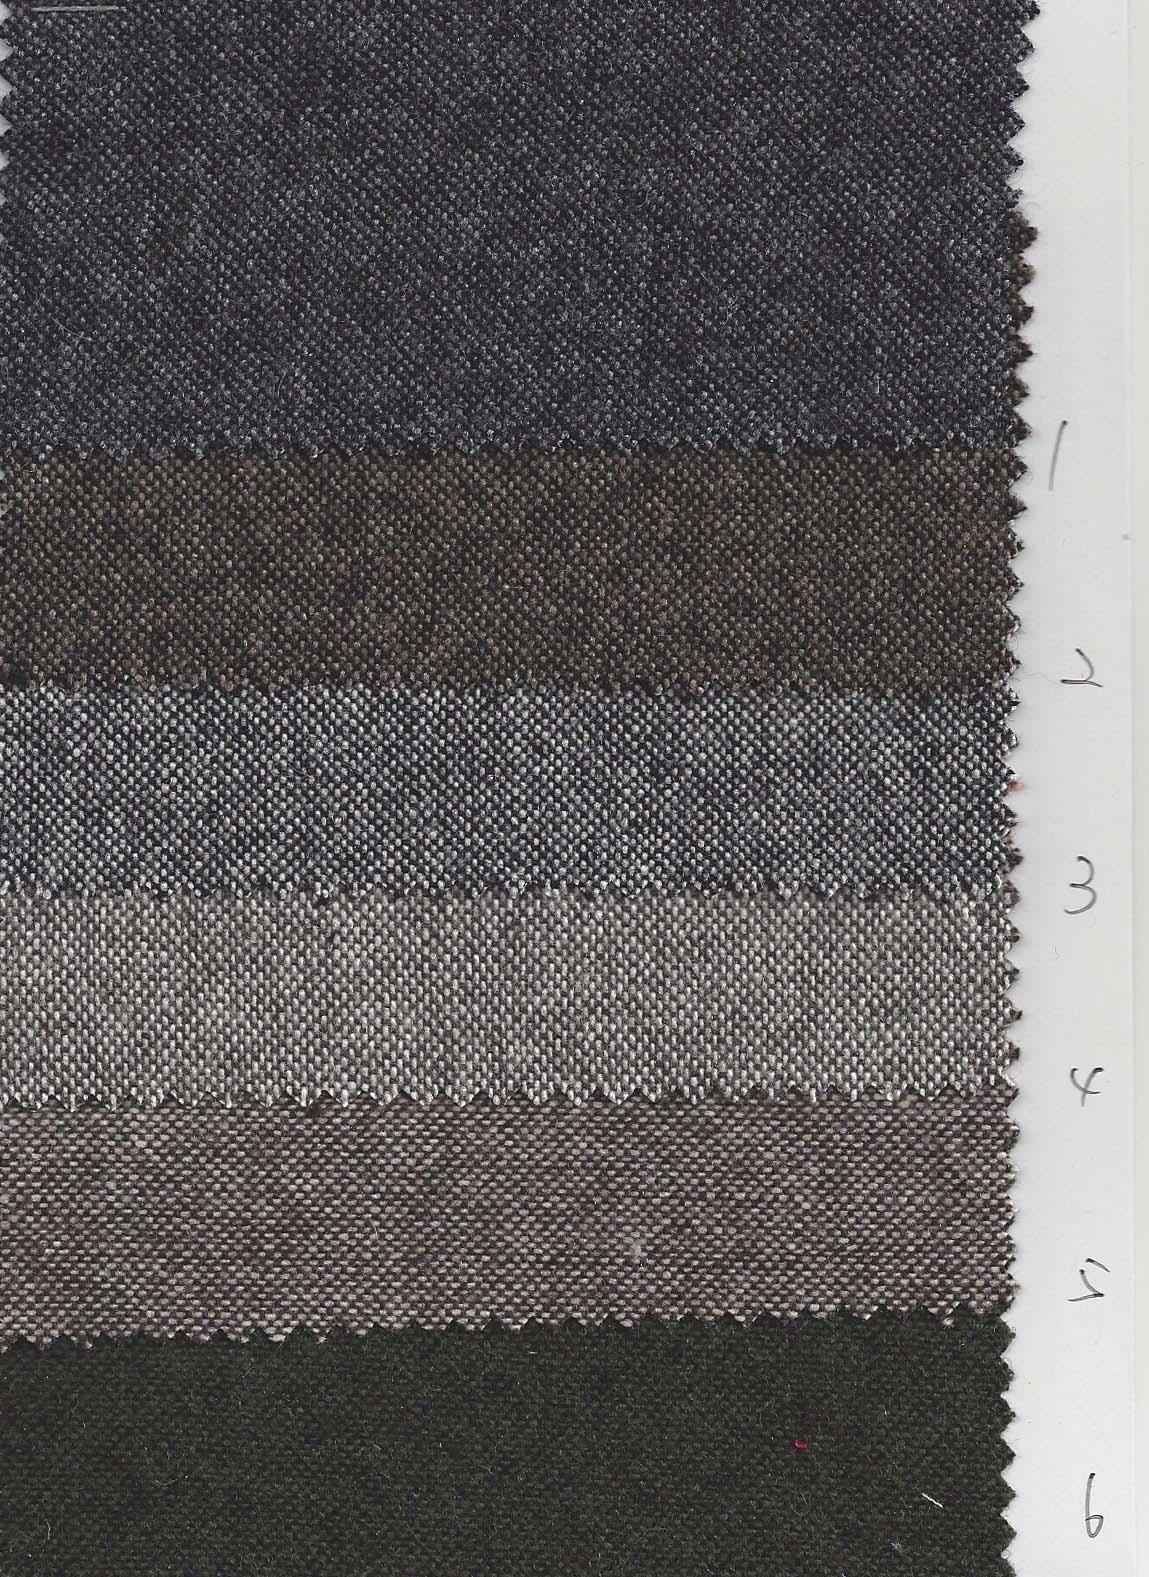 Ying Hua Textile 278.jpg